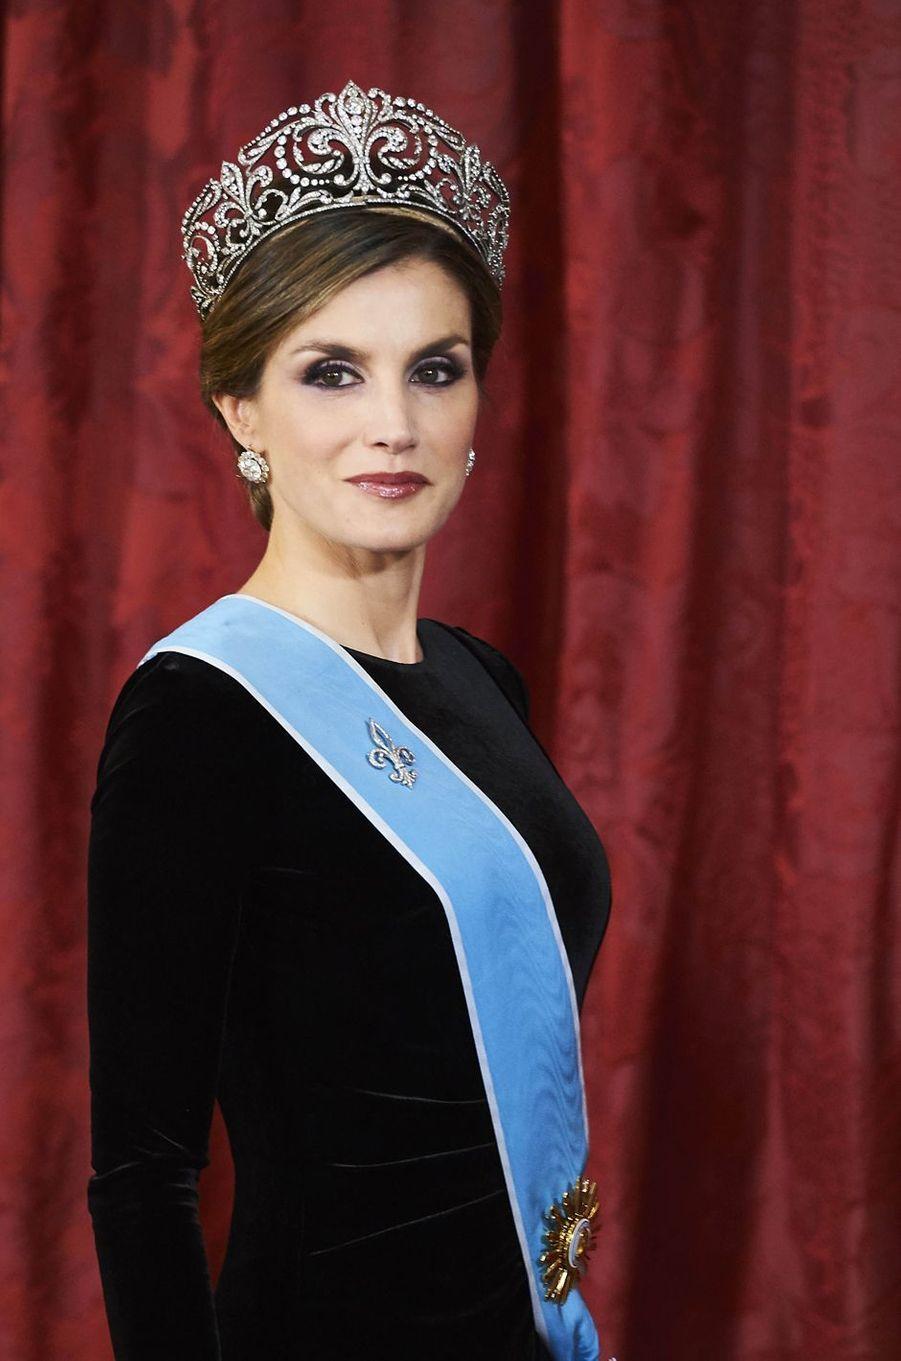 """La reine Letizia d'Espagne porte le diadème """"fleur de lys"""" à Madrid, le 22 février 2017"""